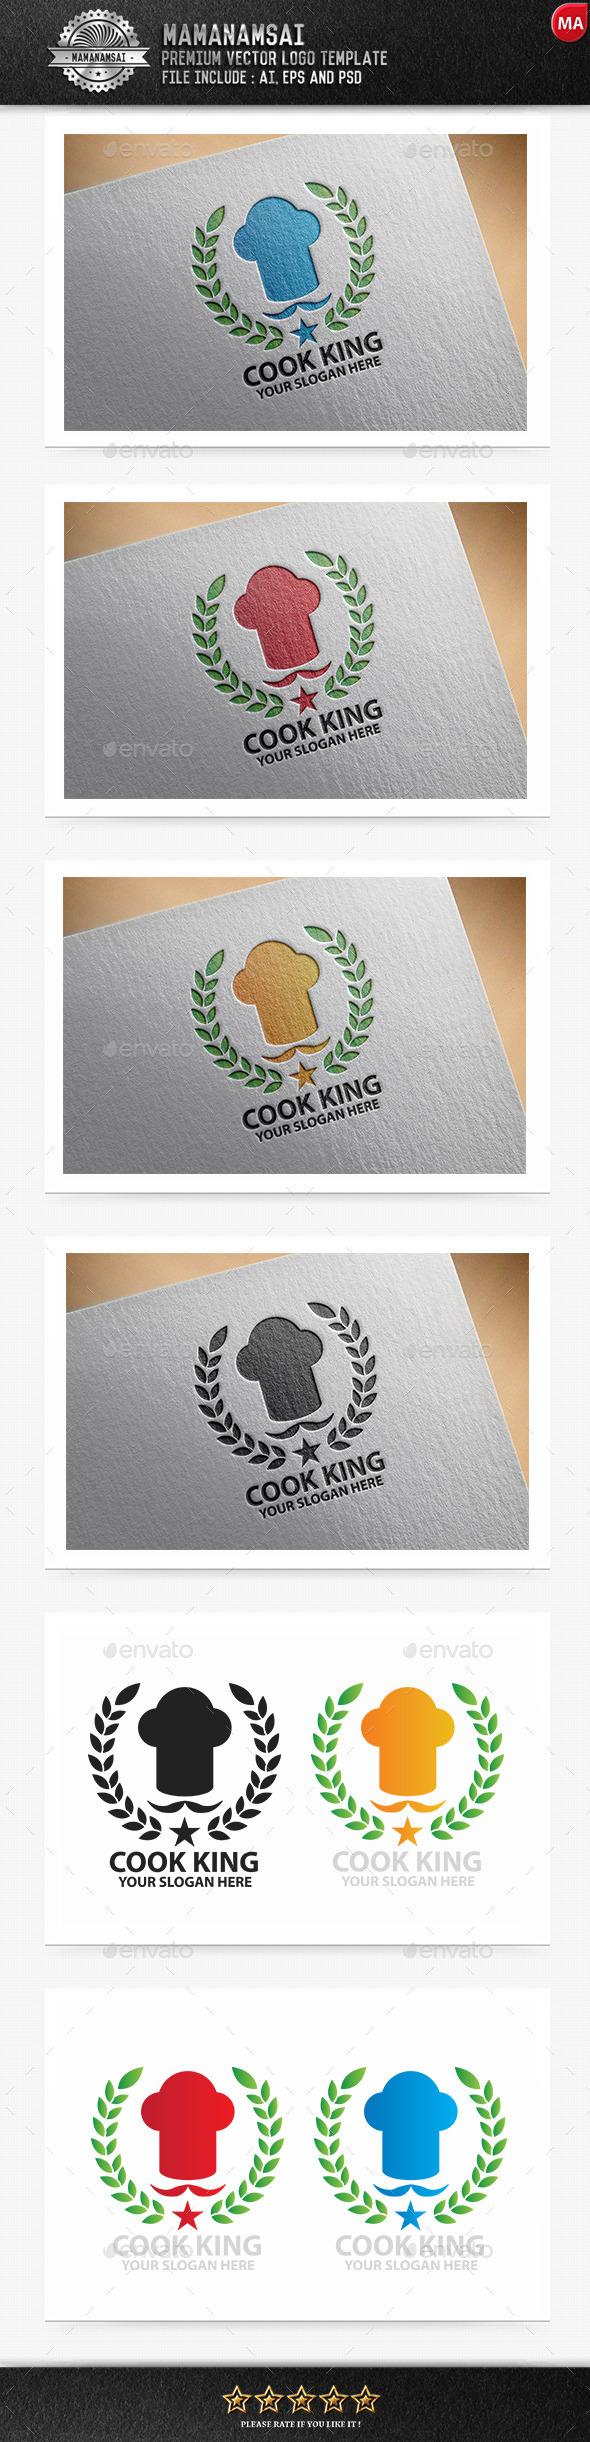 Cook King Logo - Logo Templates